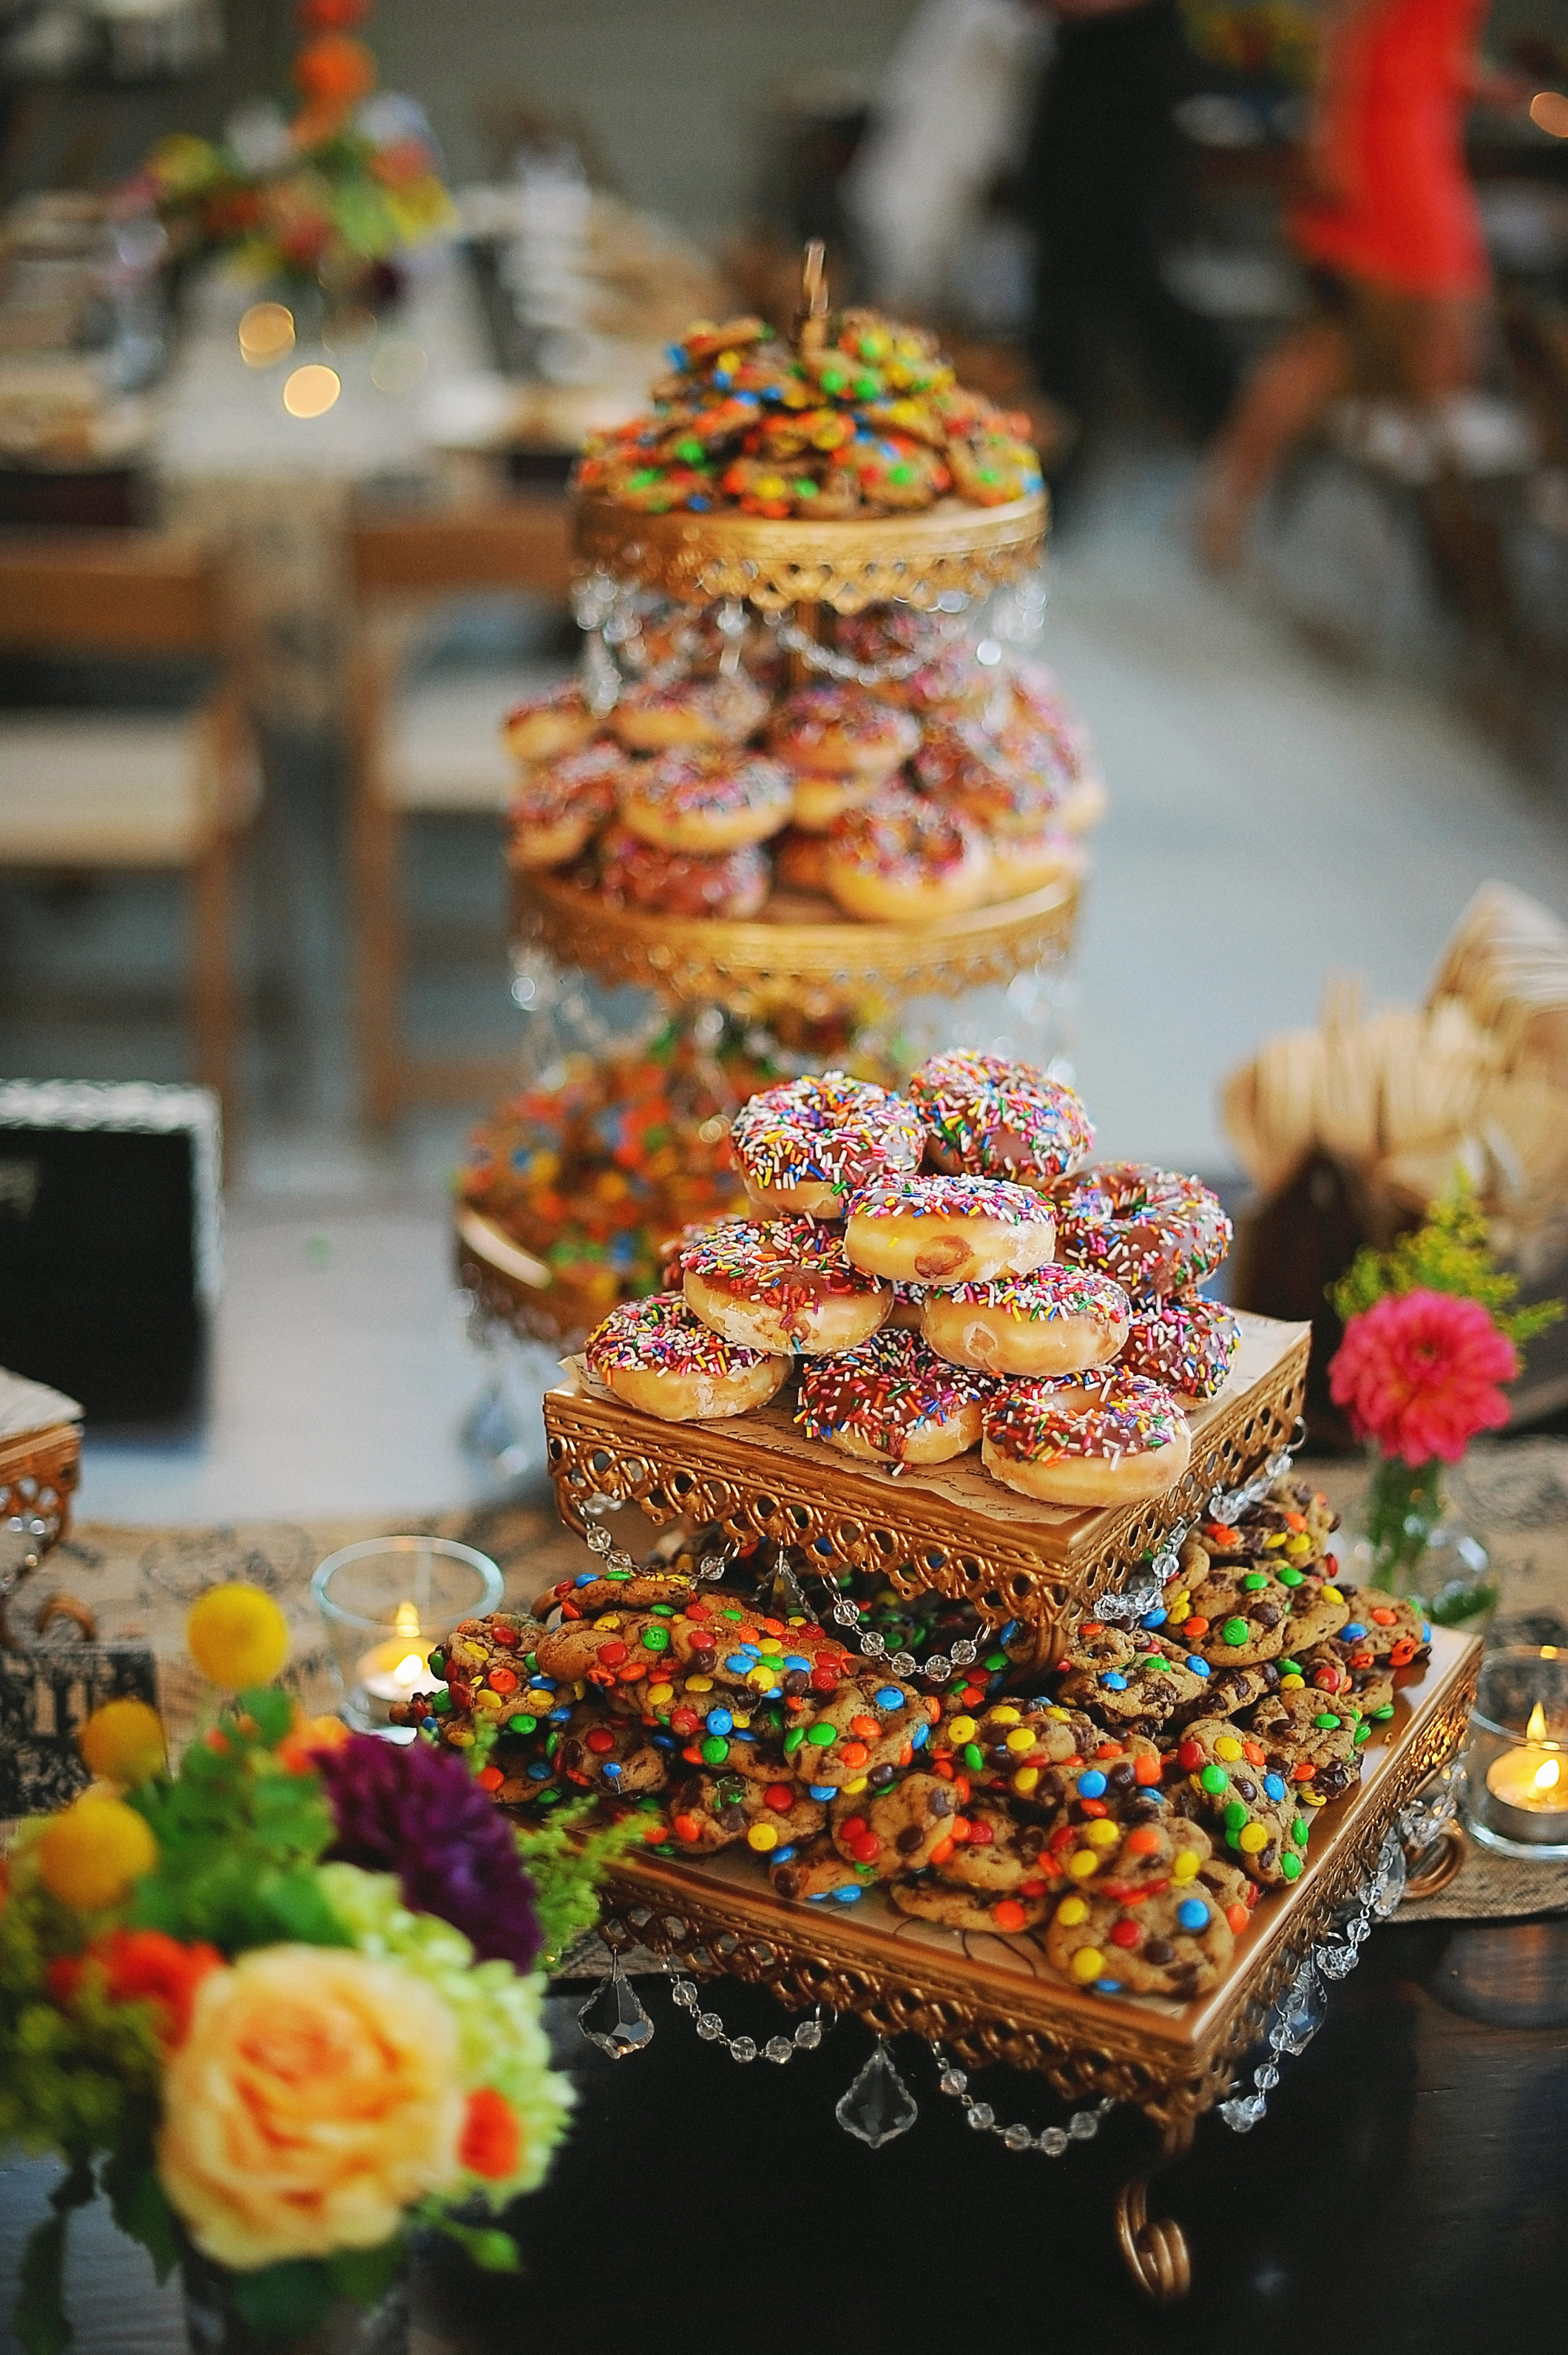 Dessert stands by Opulent Treasures